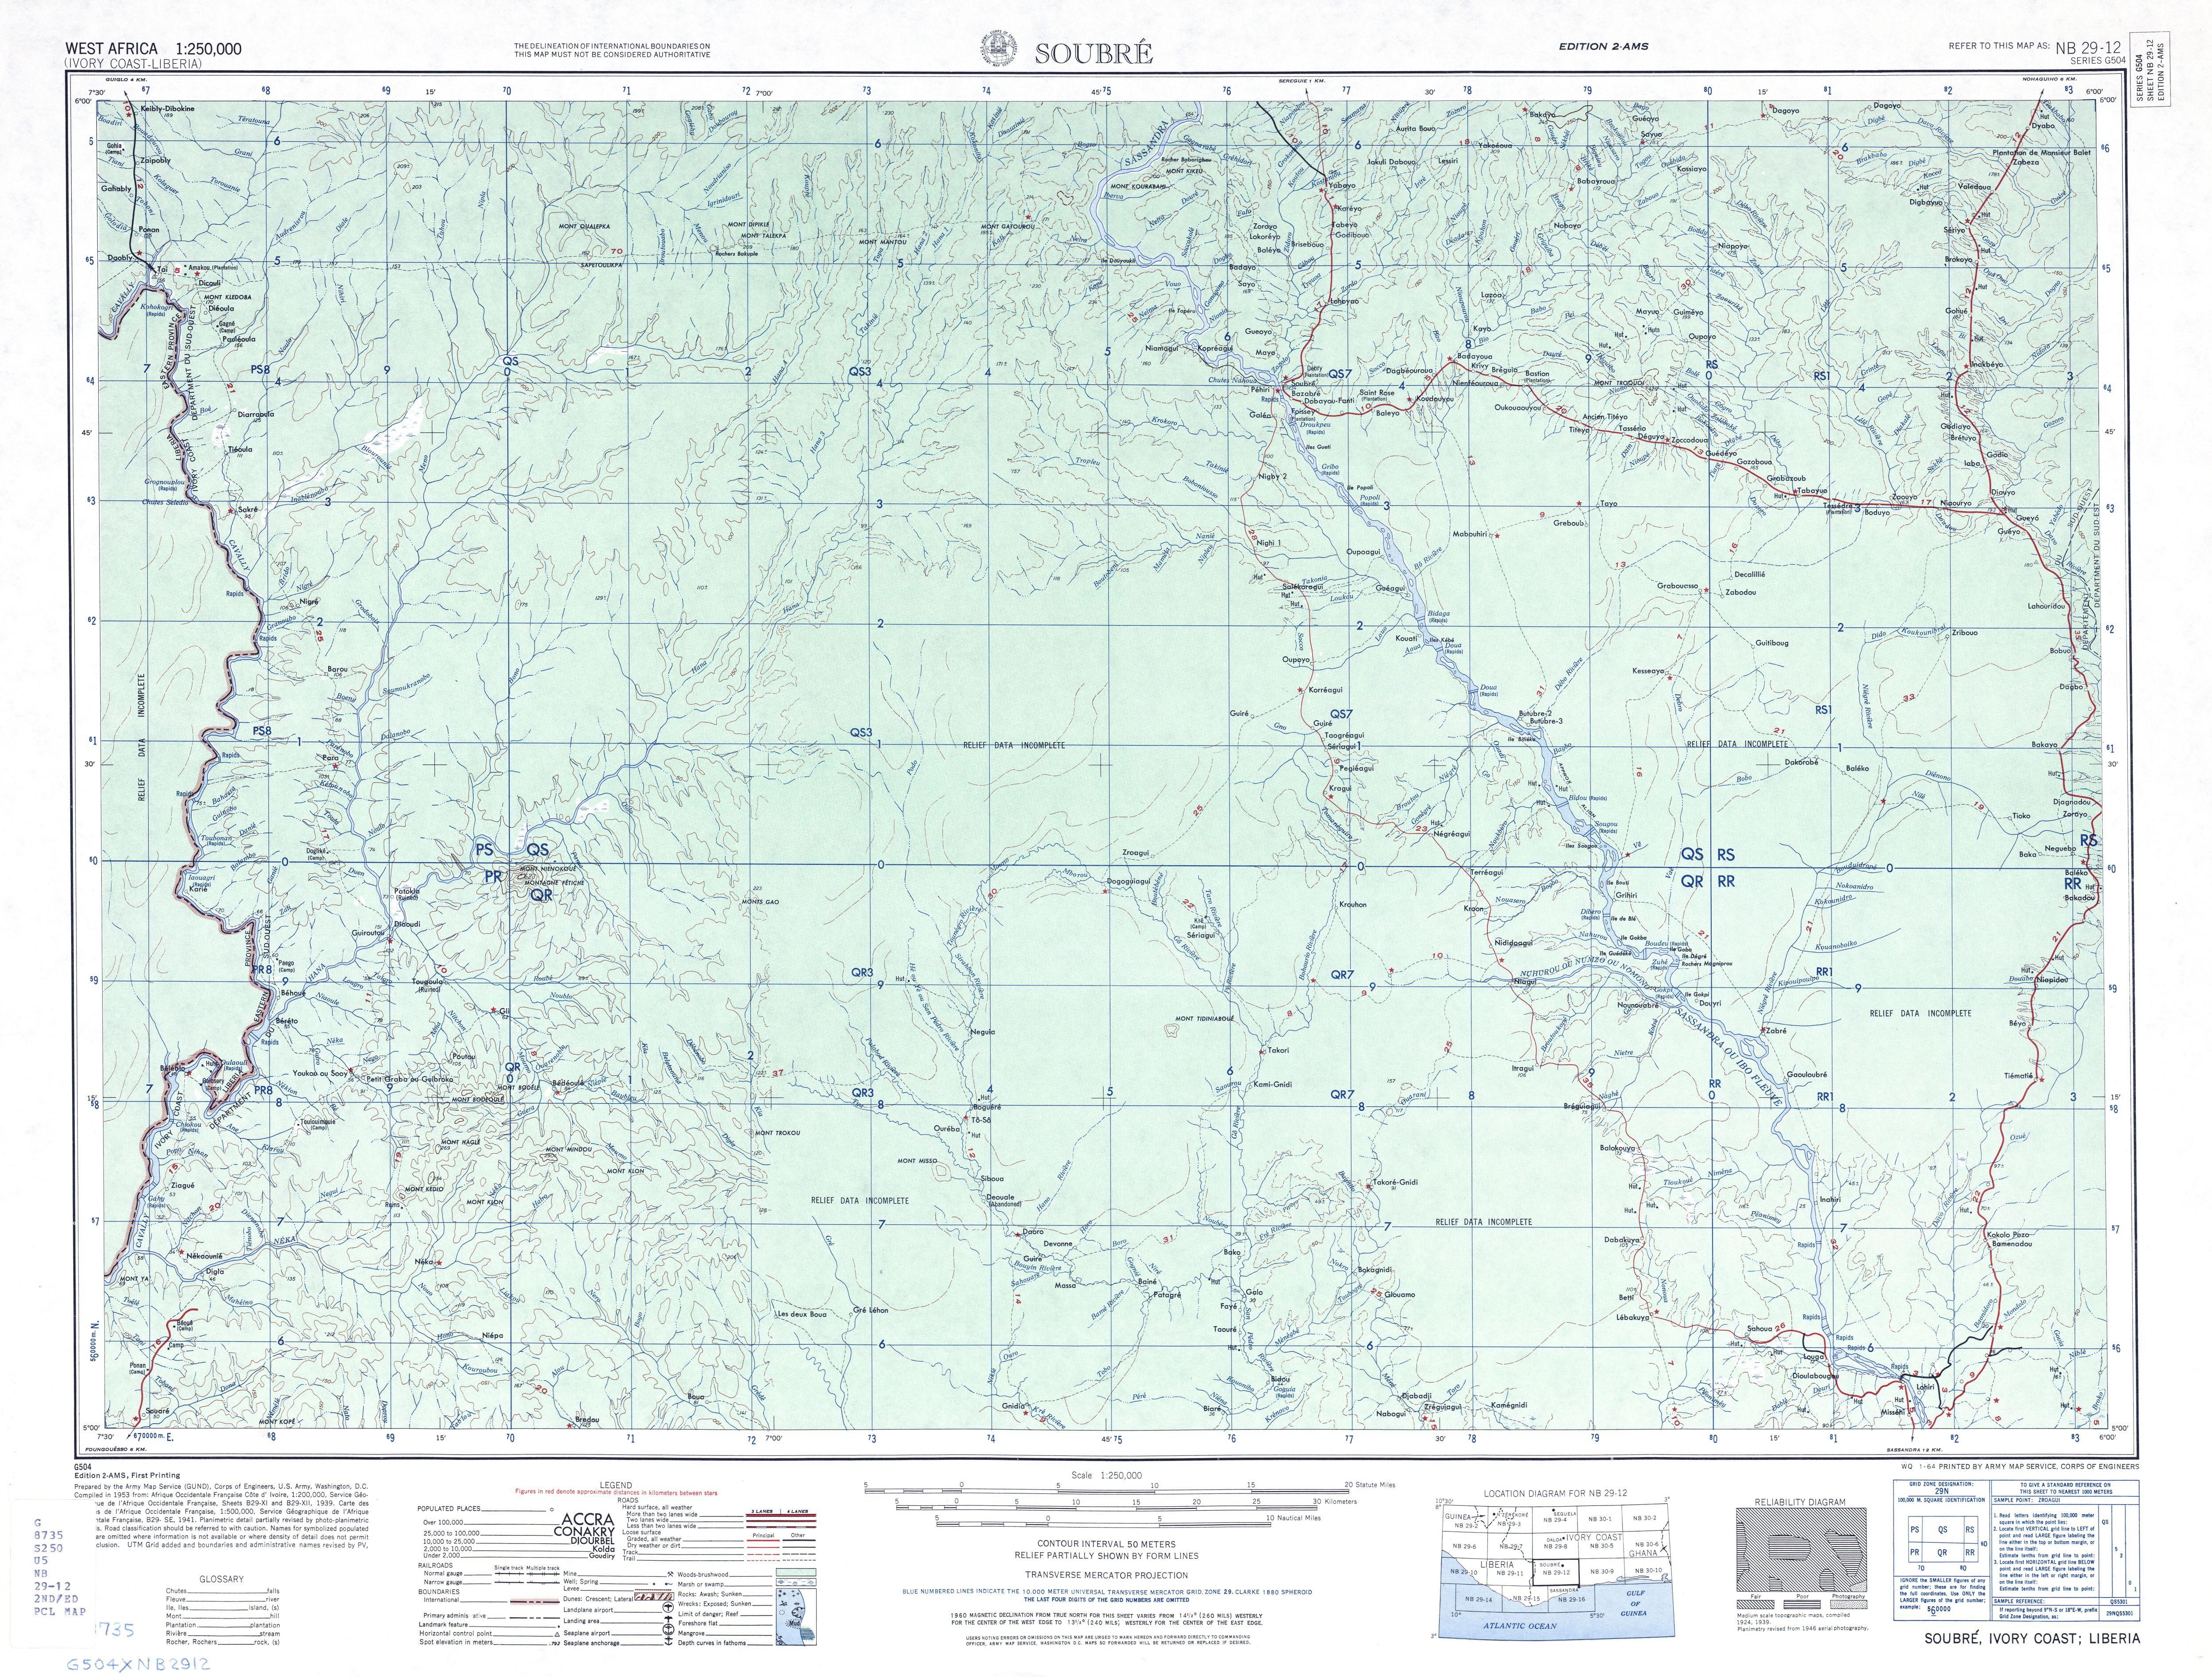 Hoja Soubre del Mapa Topográfico de África Occidental 1955